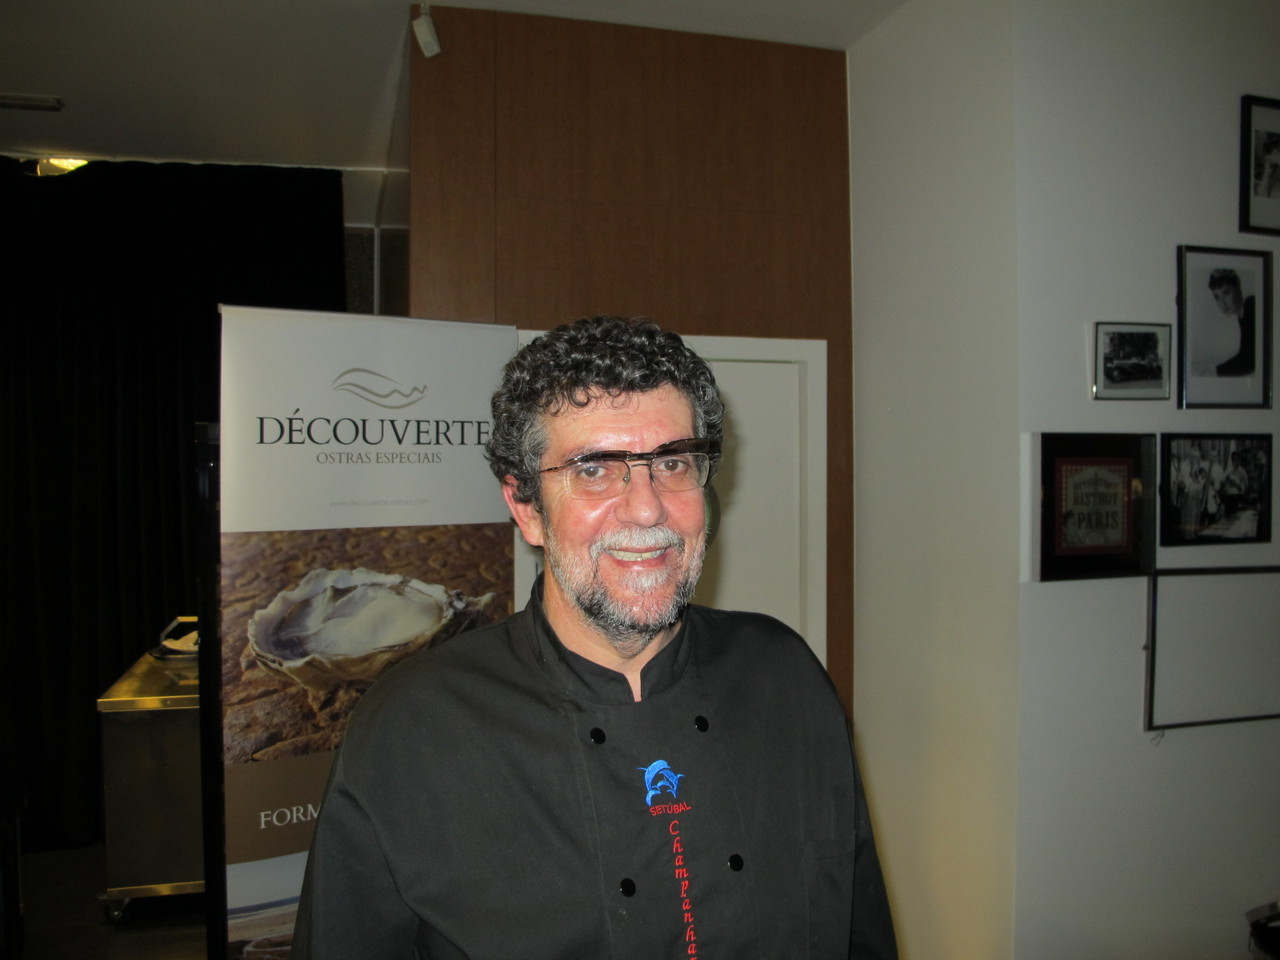 Mário de Brito Pinheiro